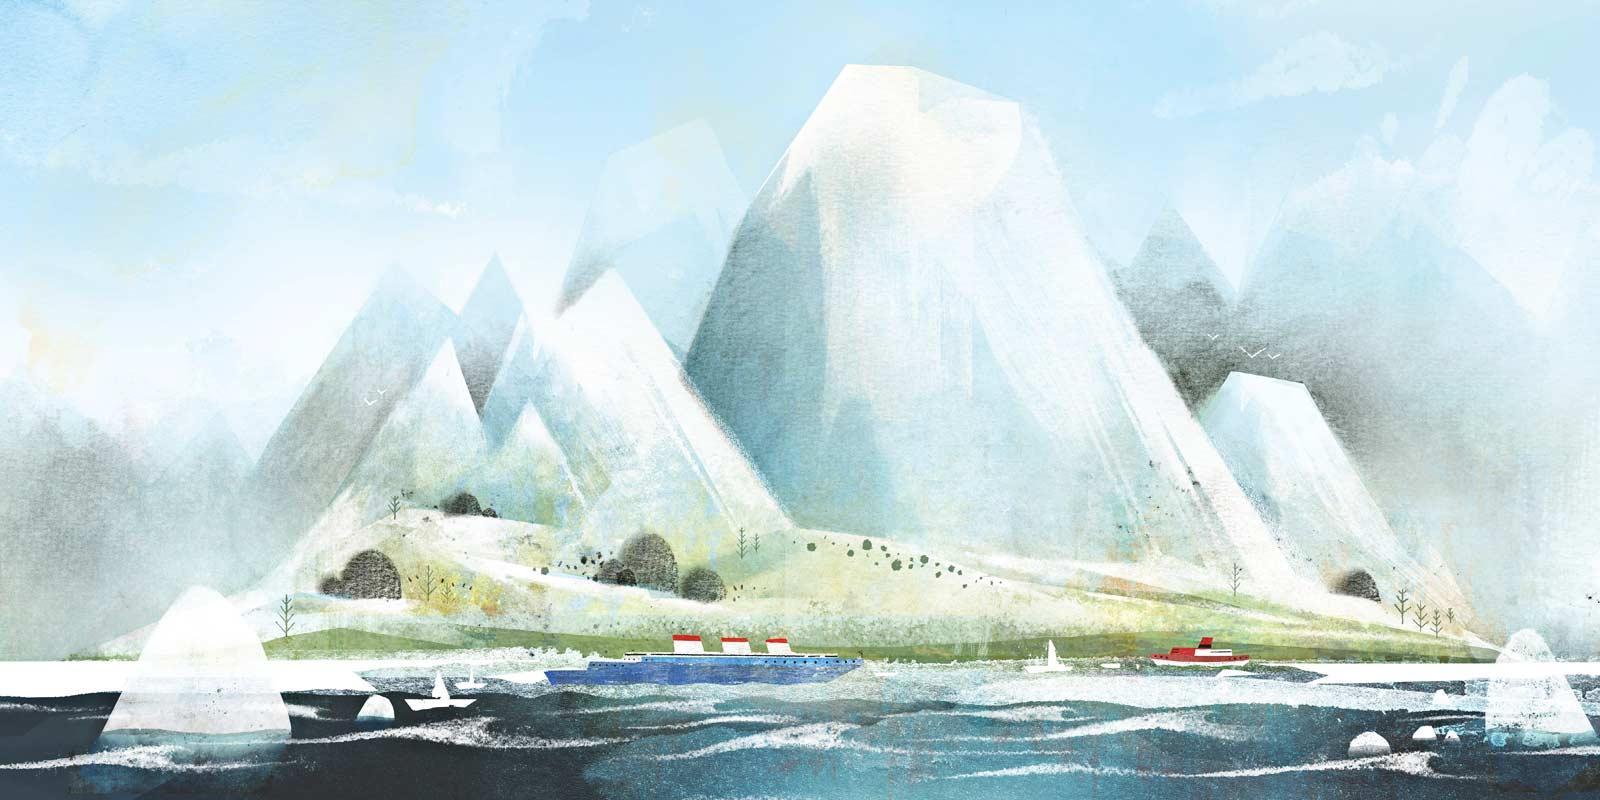 Le brouillard – Une fable écologique pour le Jour de la Terre